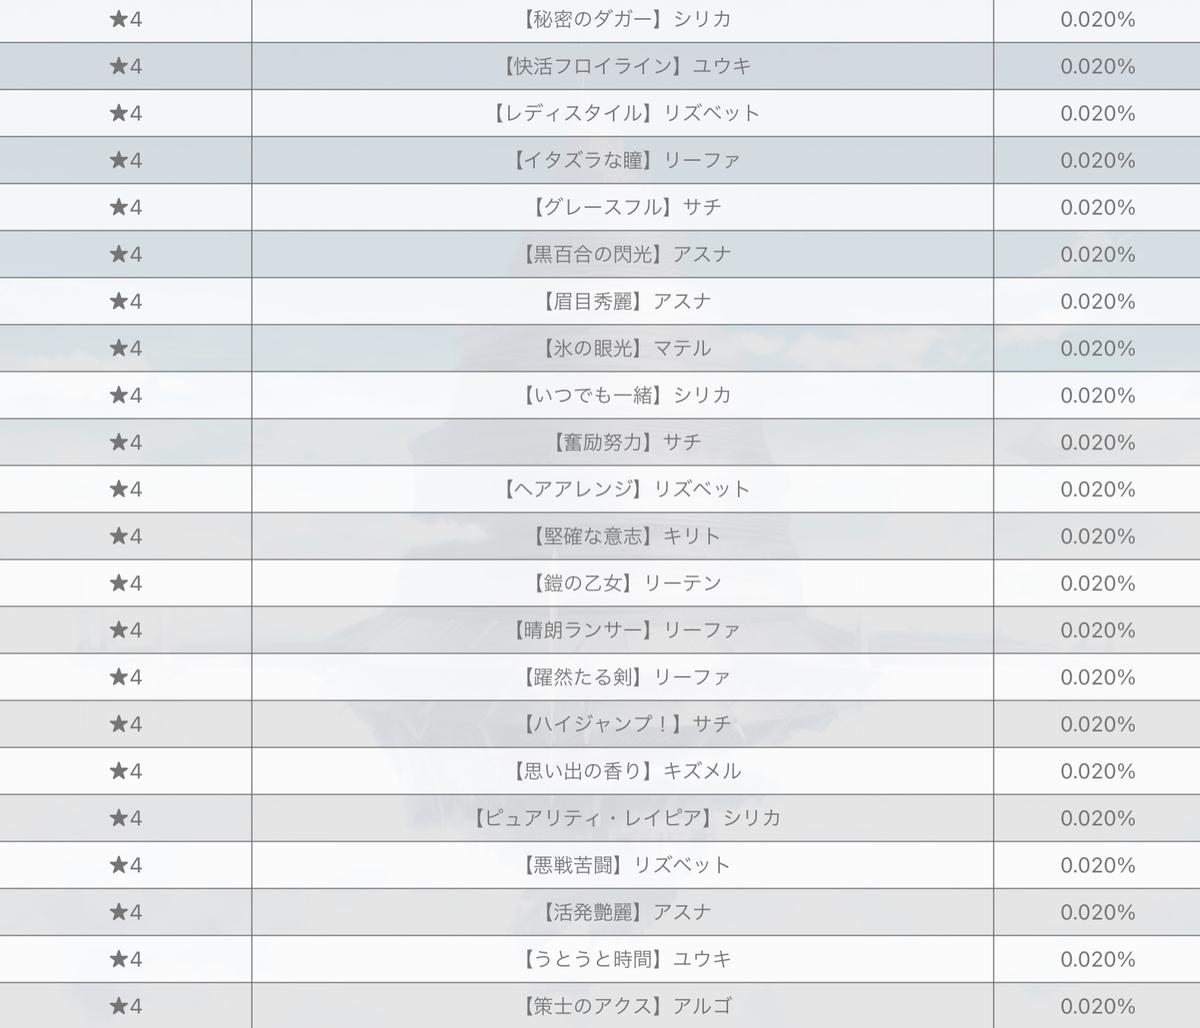 f:id:yukiyukiki3939:20201226152226j:plain